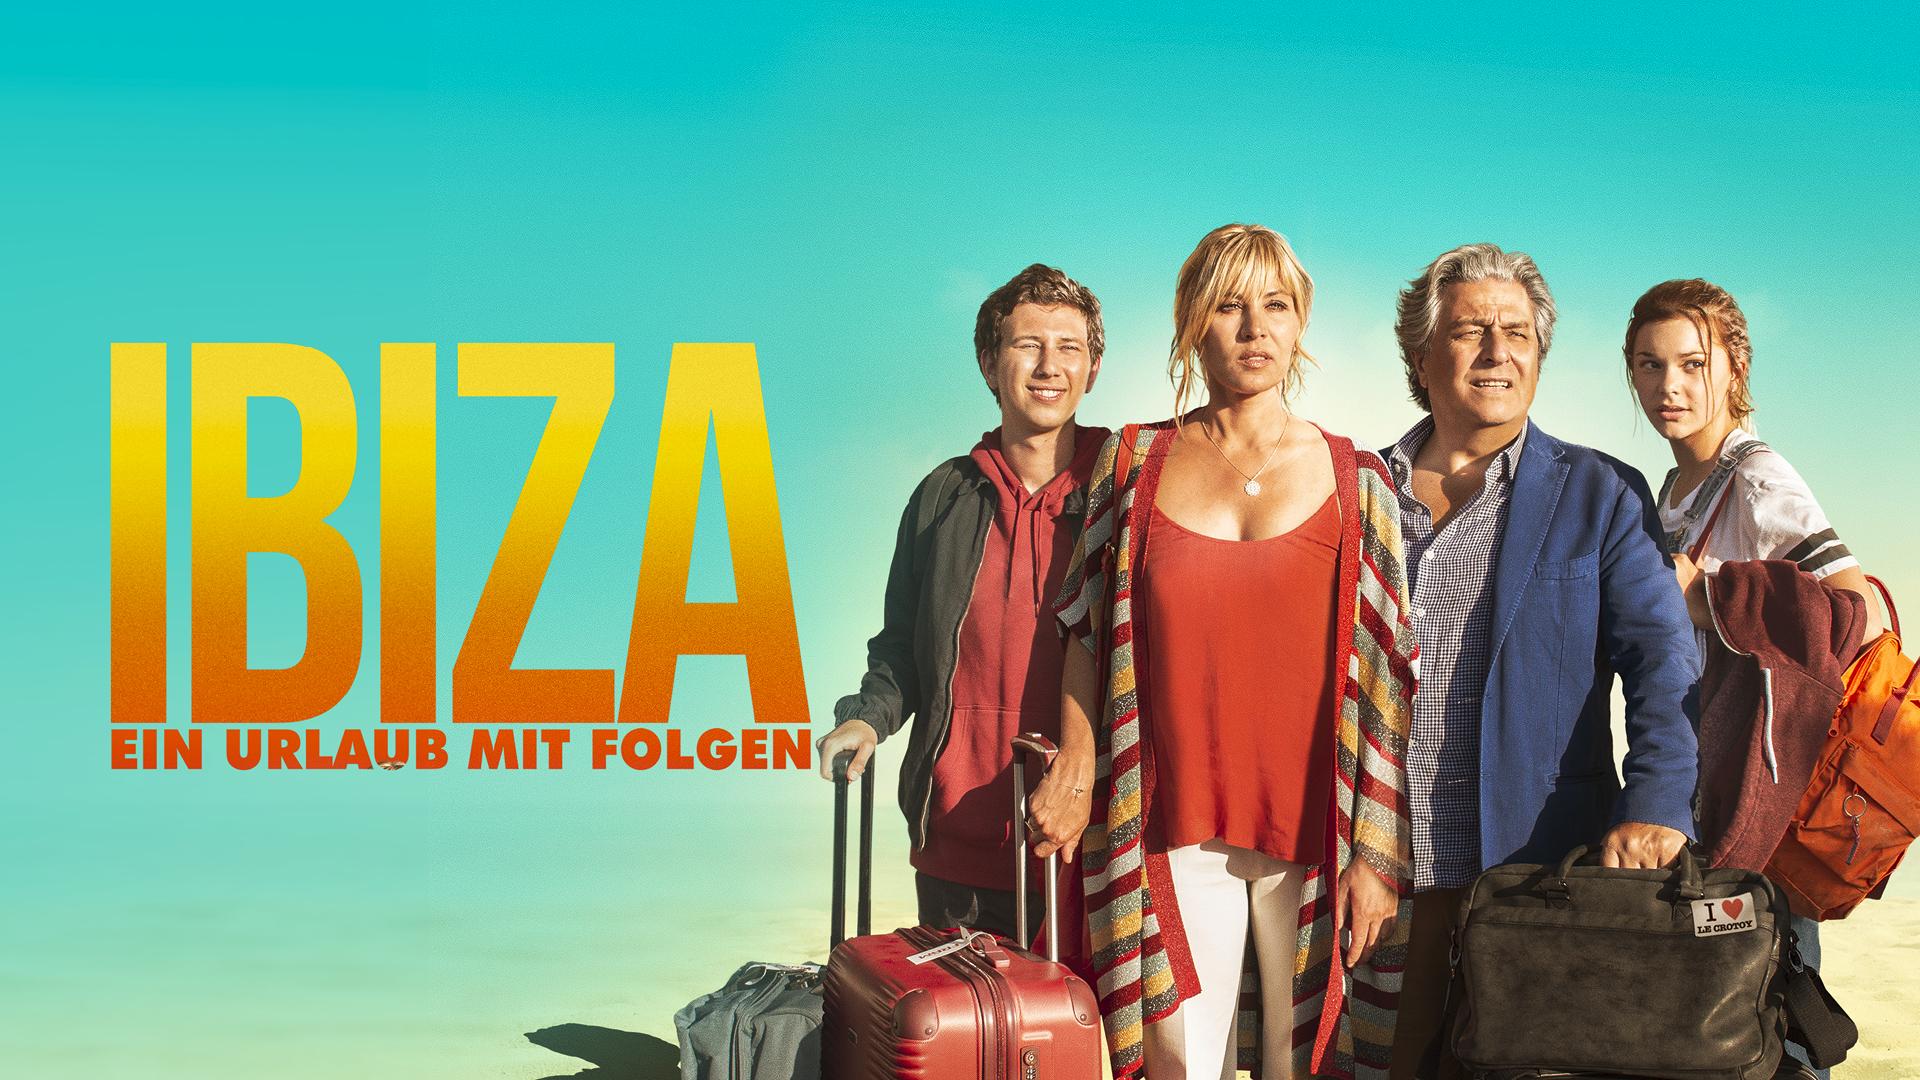 Ibiza - Ein Urlaub mit Folgen!